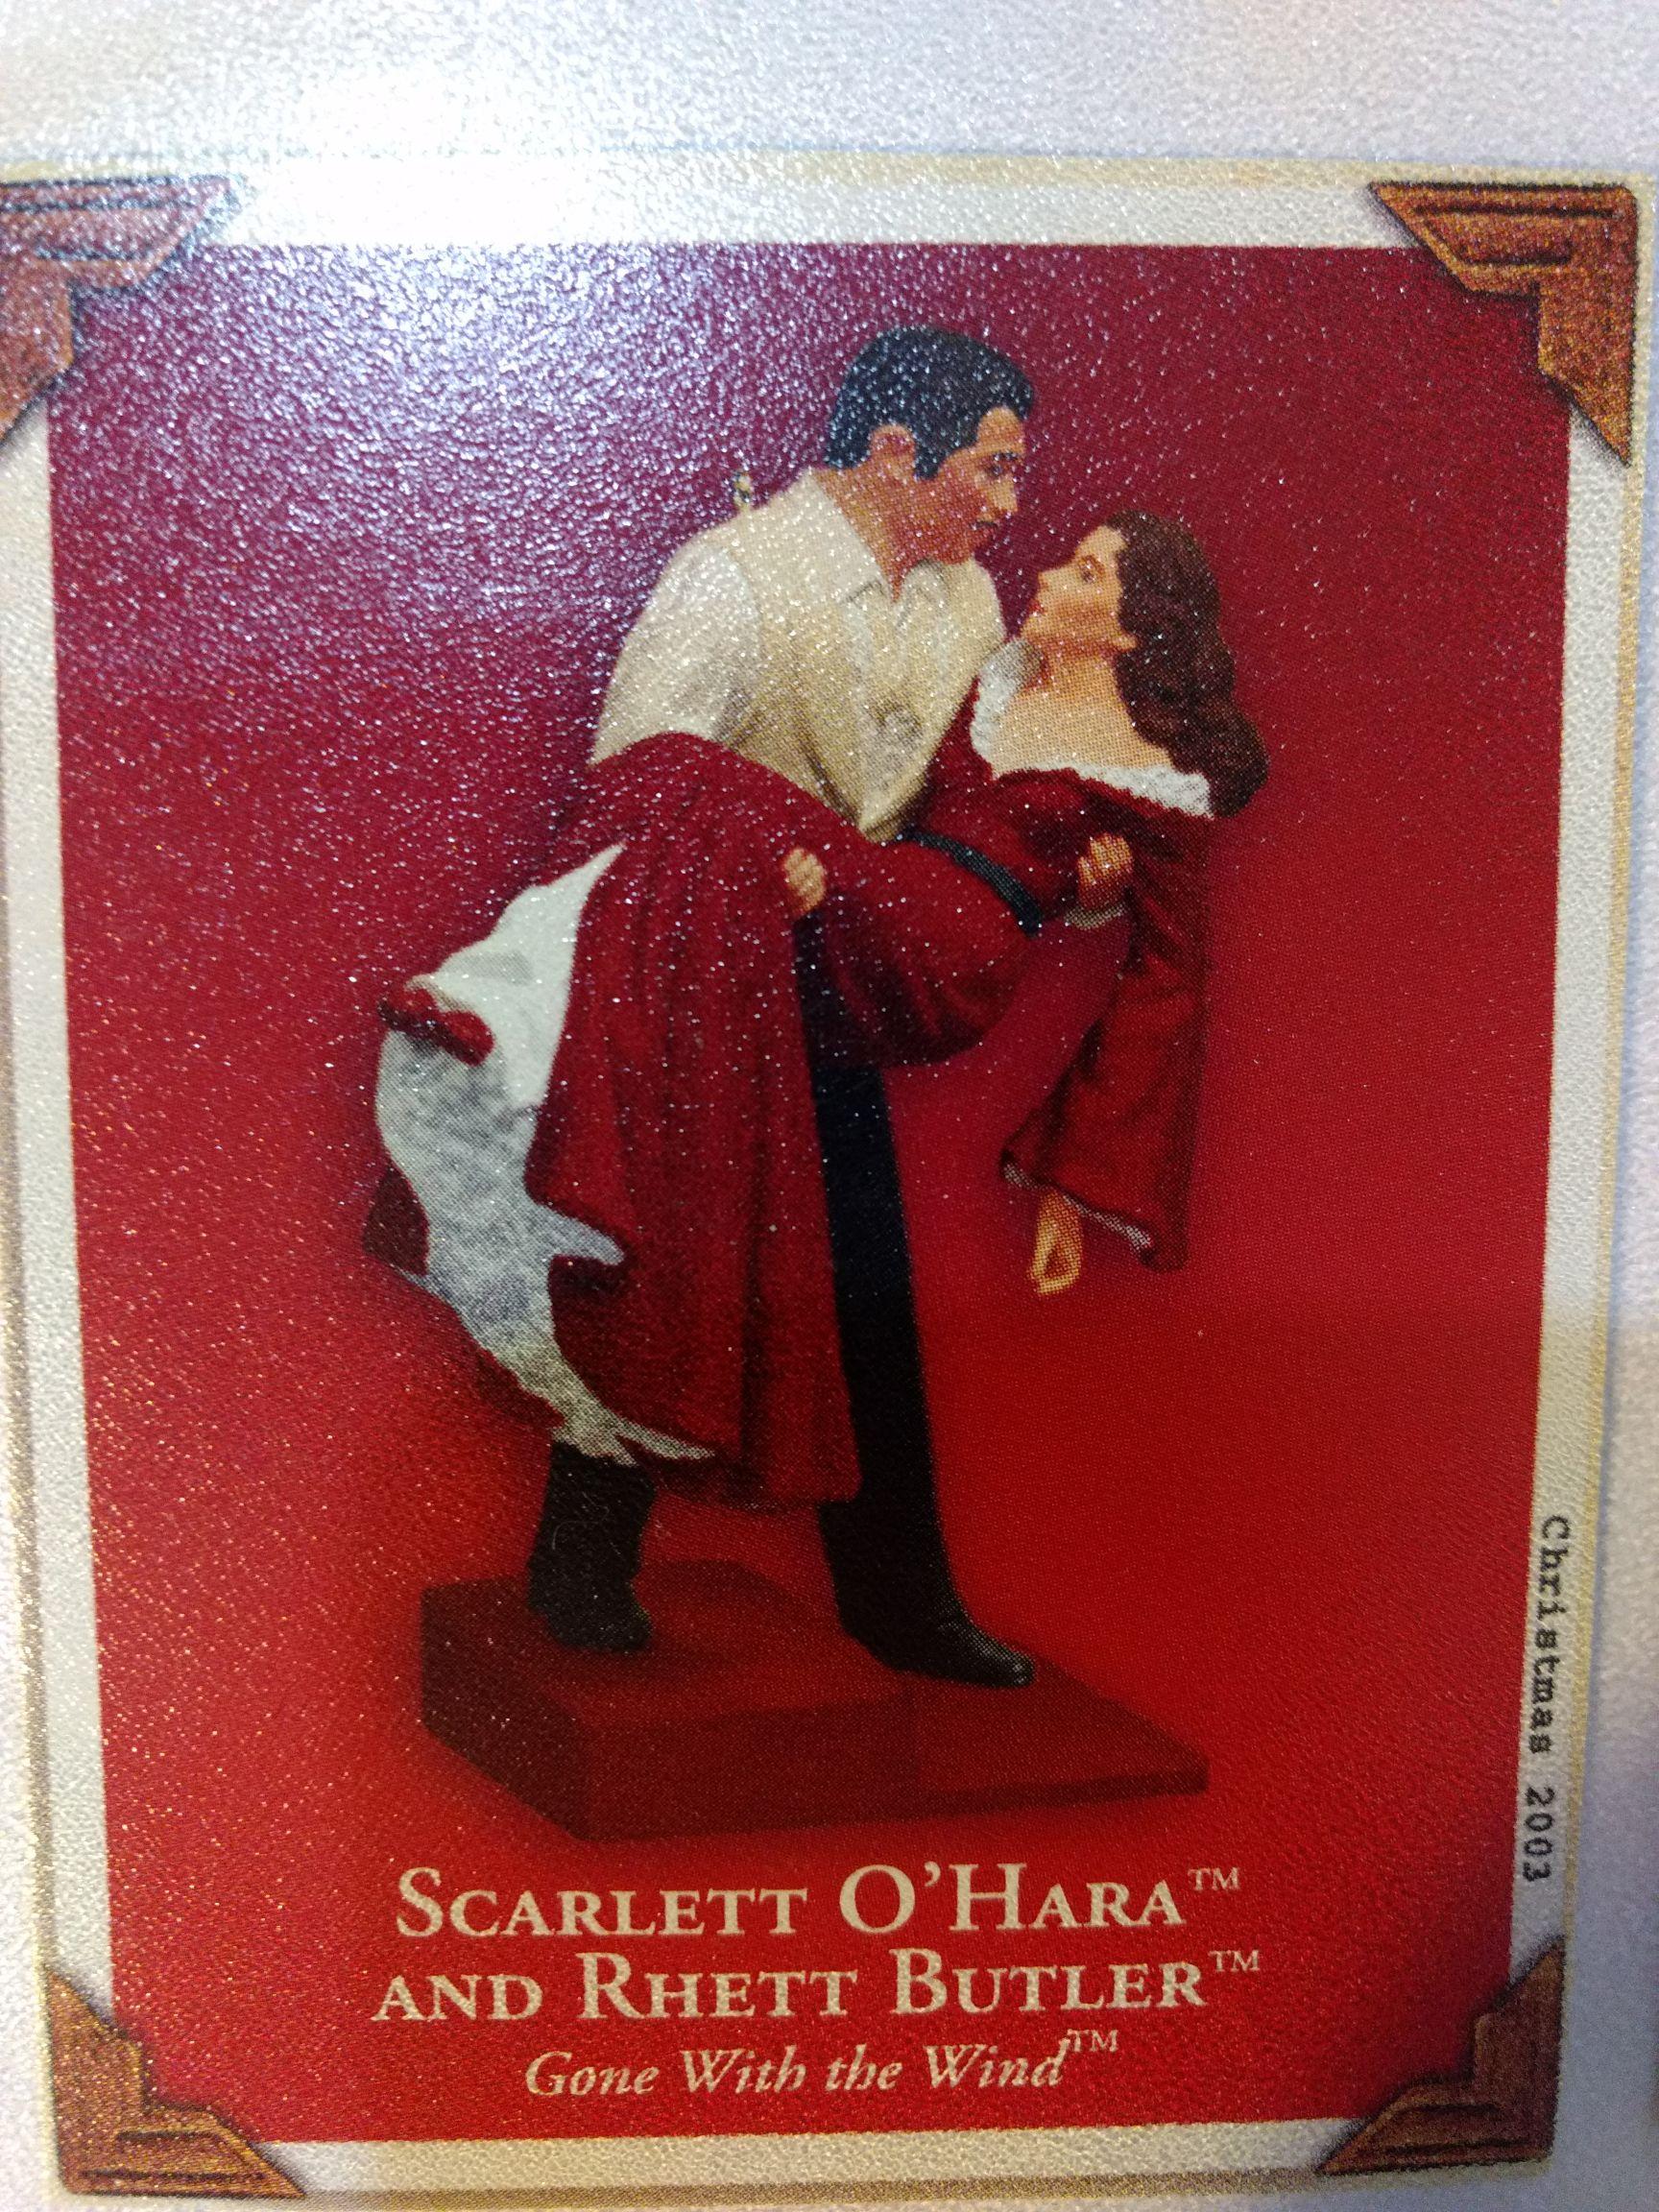 Gone With The Wind - Scarlett O'Hara & Rhett Butler - Rhett Holding Scarlett Ornament front image (front cover)